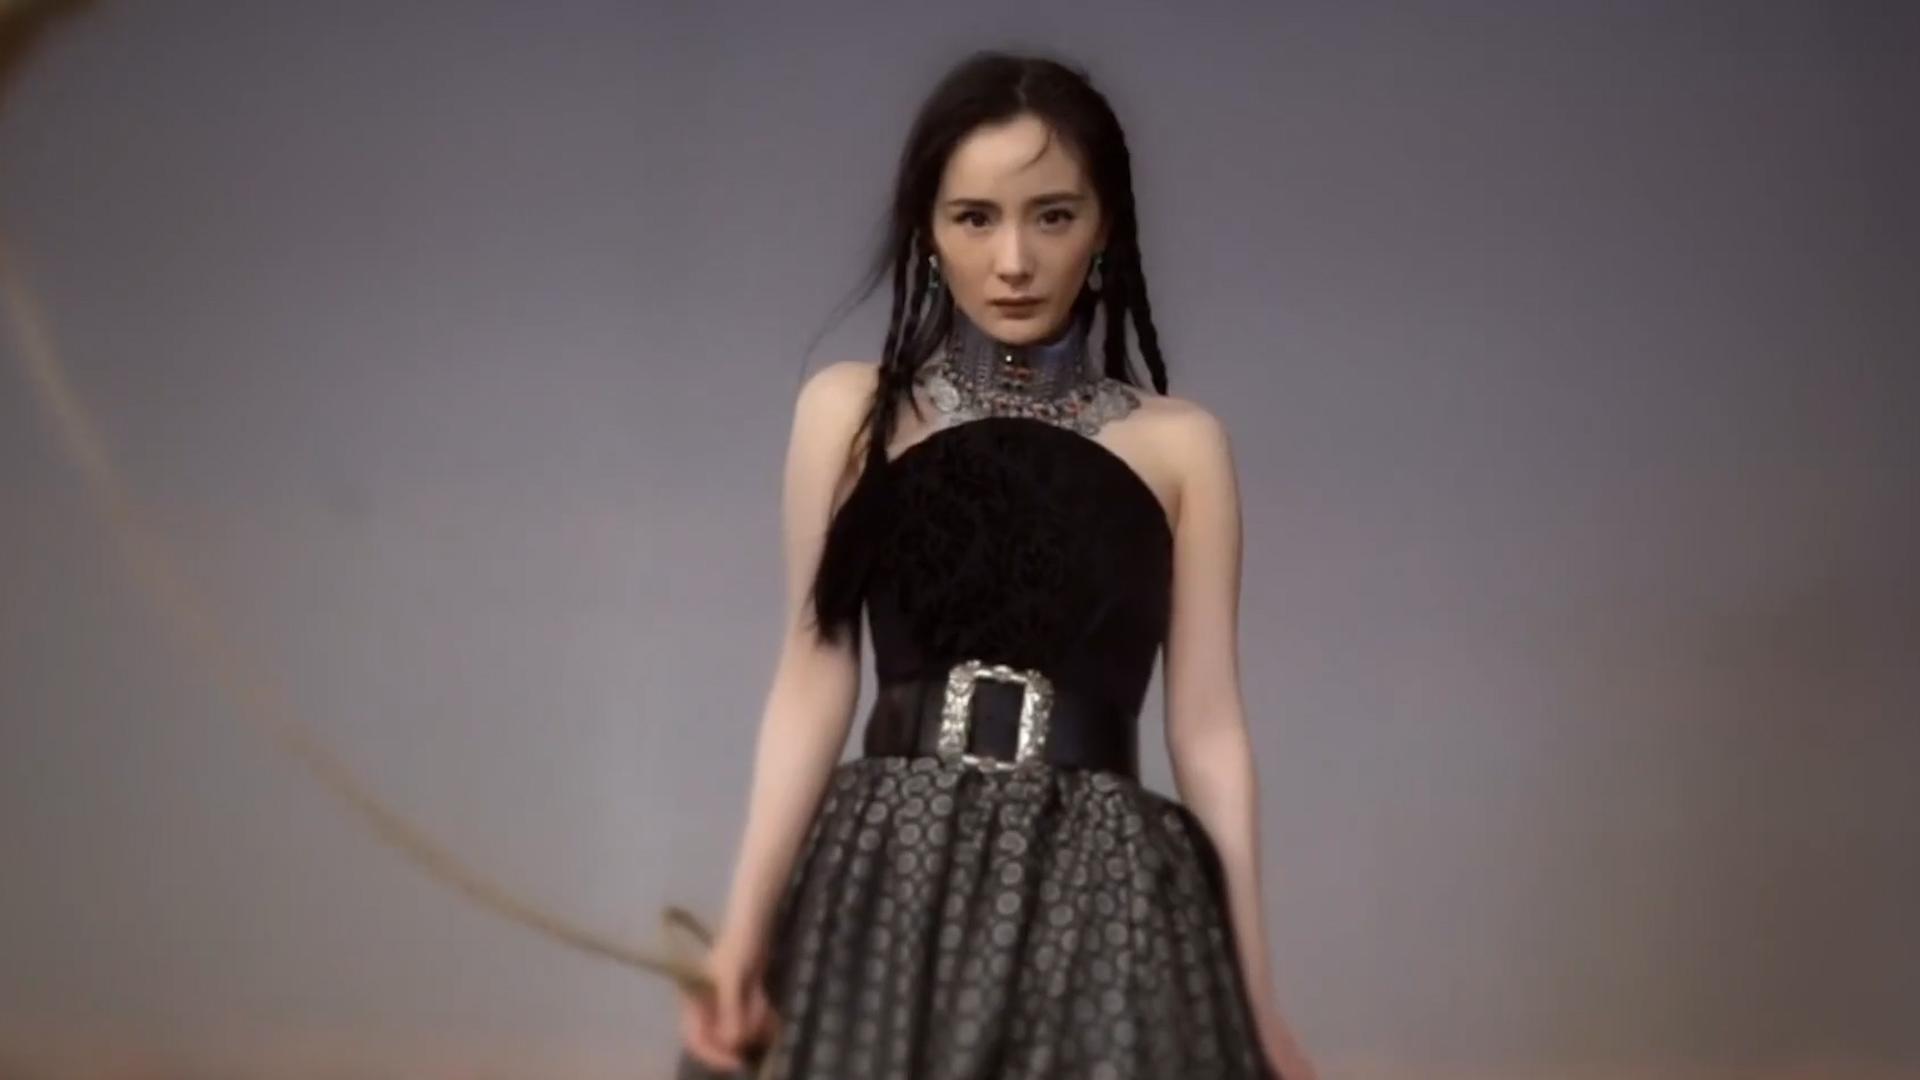 杨幂挑战异域风情,拍沙漠楼兰公主大片,狂野魅惑装扮很罕见